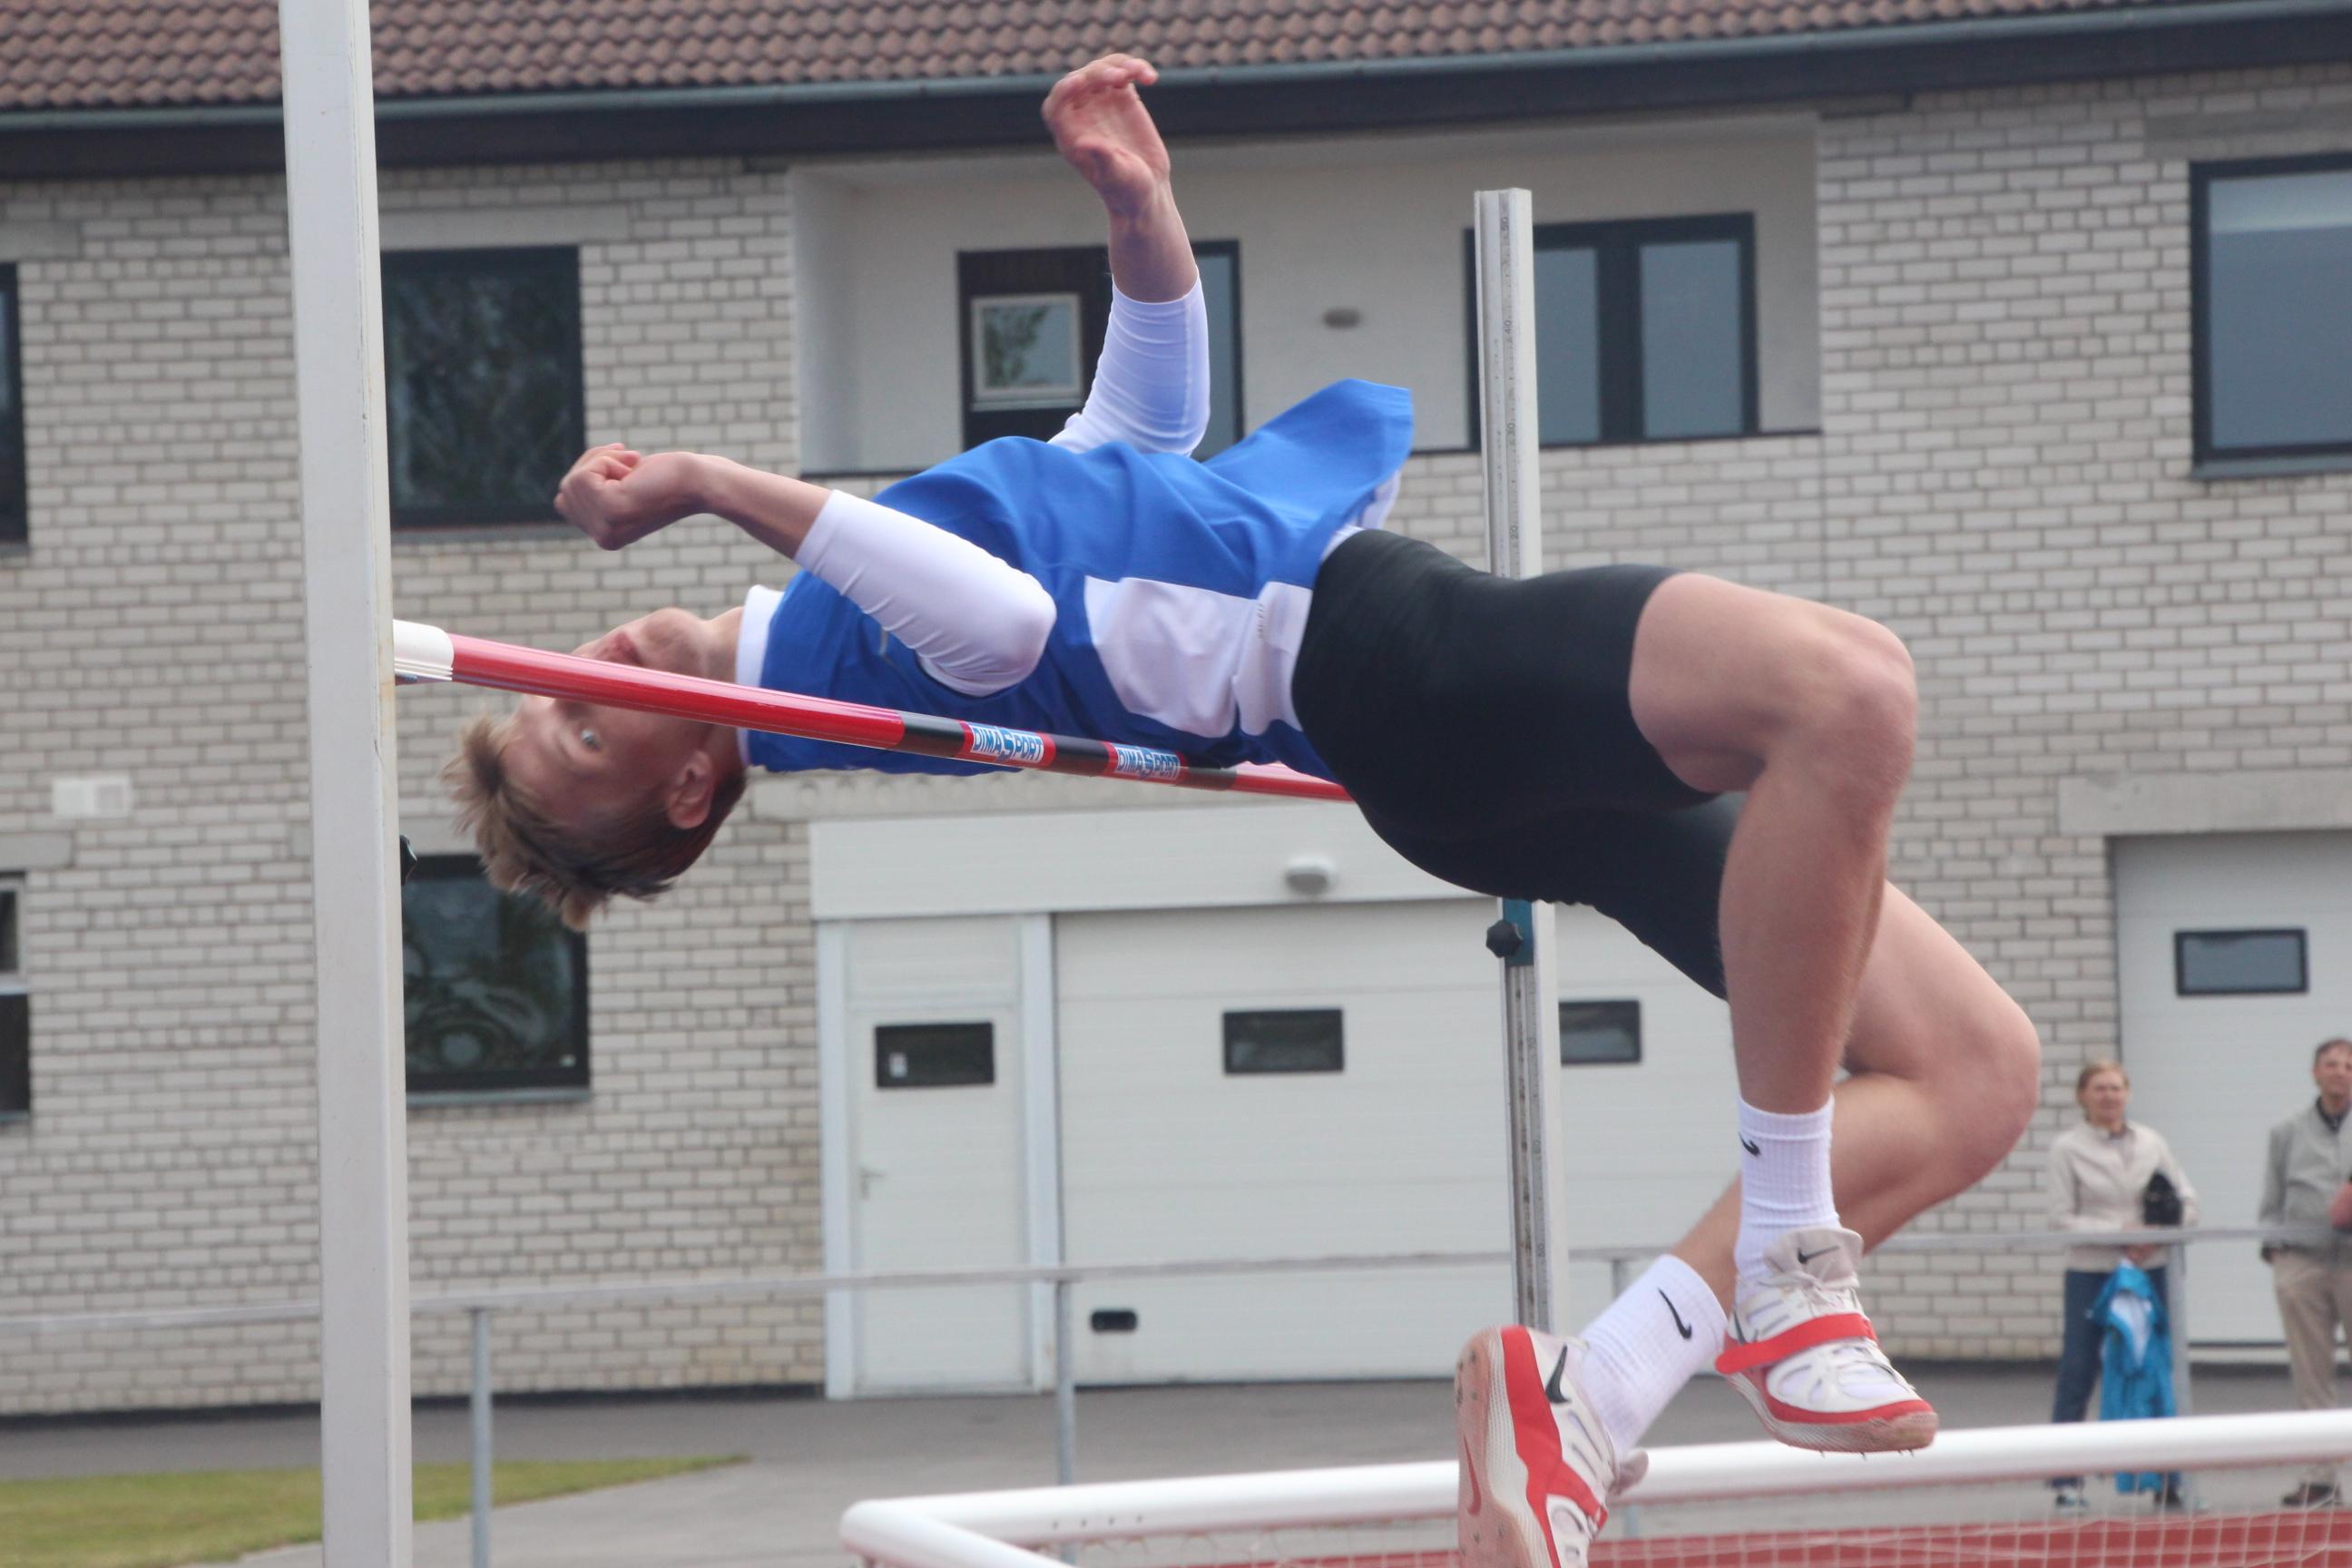 Tartu ülikooli spordihoones toimunud Eesti juunioride talvistel kergejõustiku meistrivõistlustel võitsid KJK Saare noormehed kaks kuld- ja kolm pronksmedalit ning püstitasid mitu isiklikku rekordit. 60 m tõkkejooksus võitis Johannes Treiel uue […]